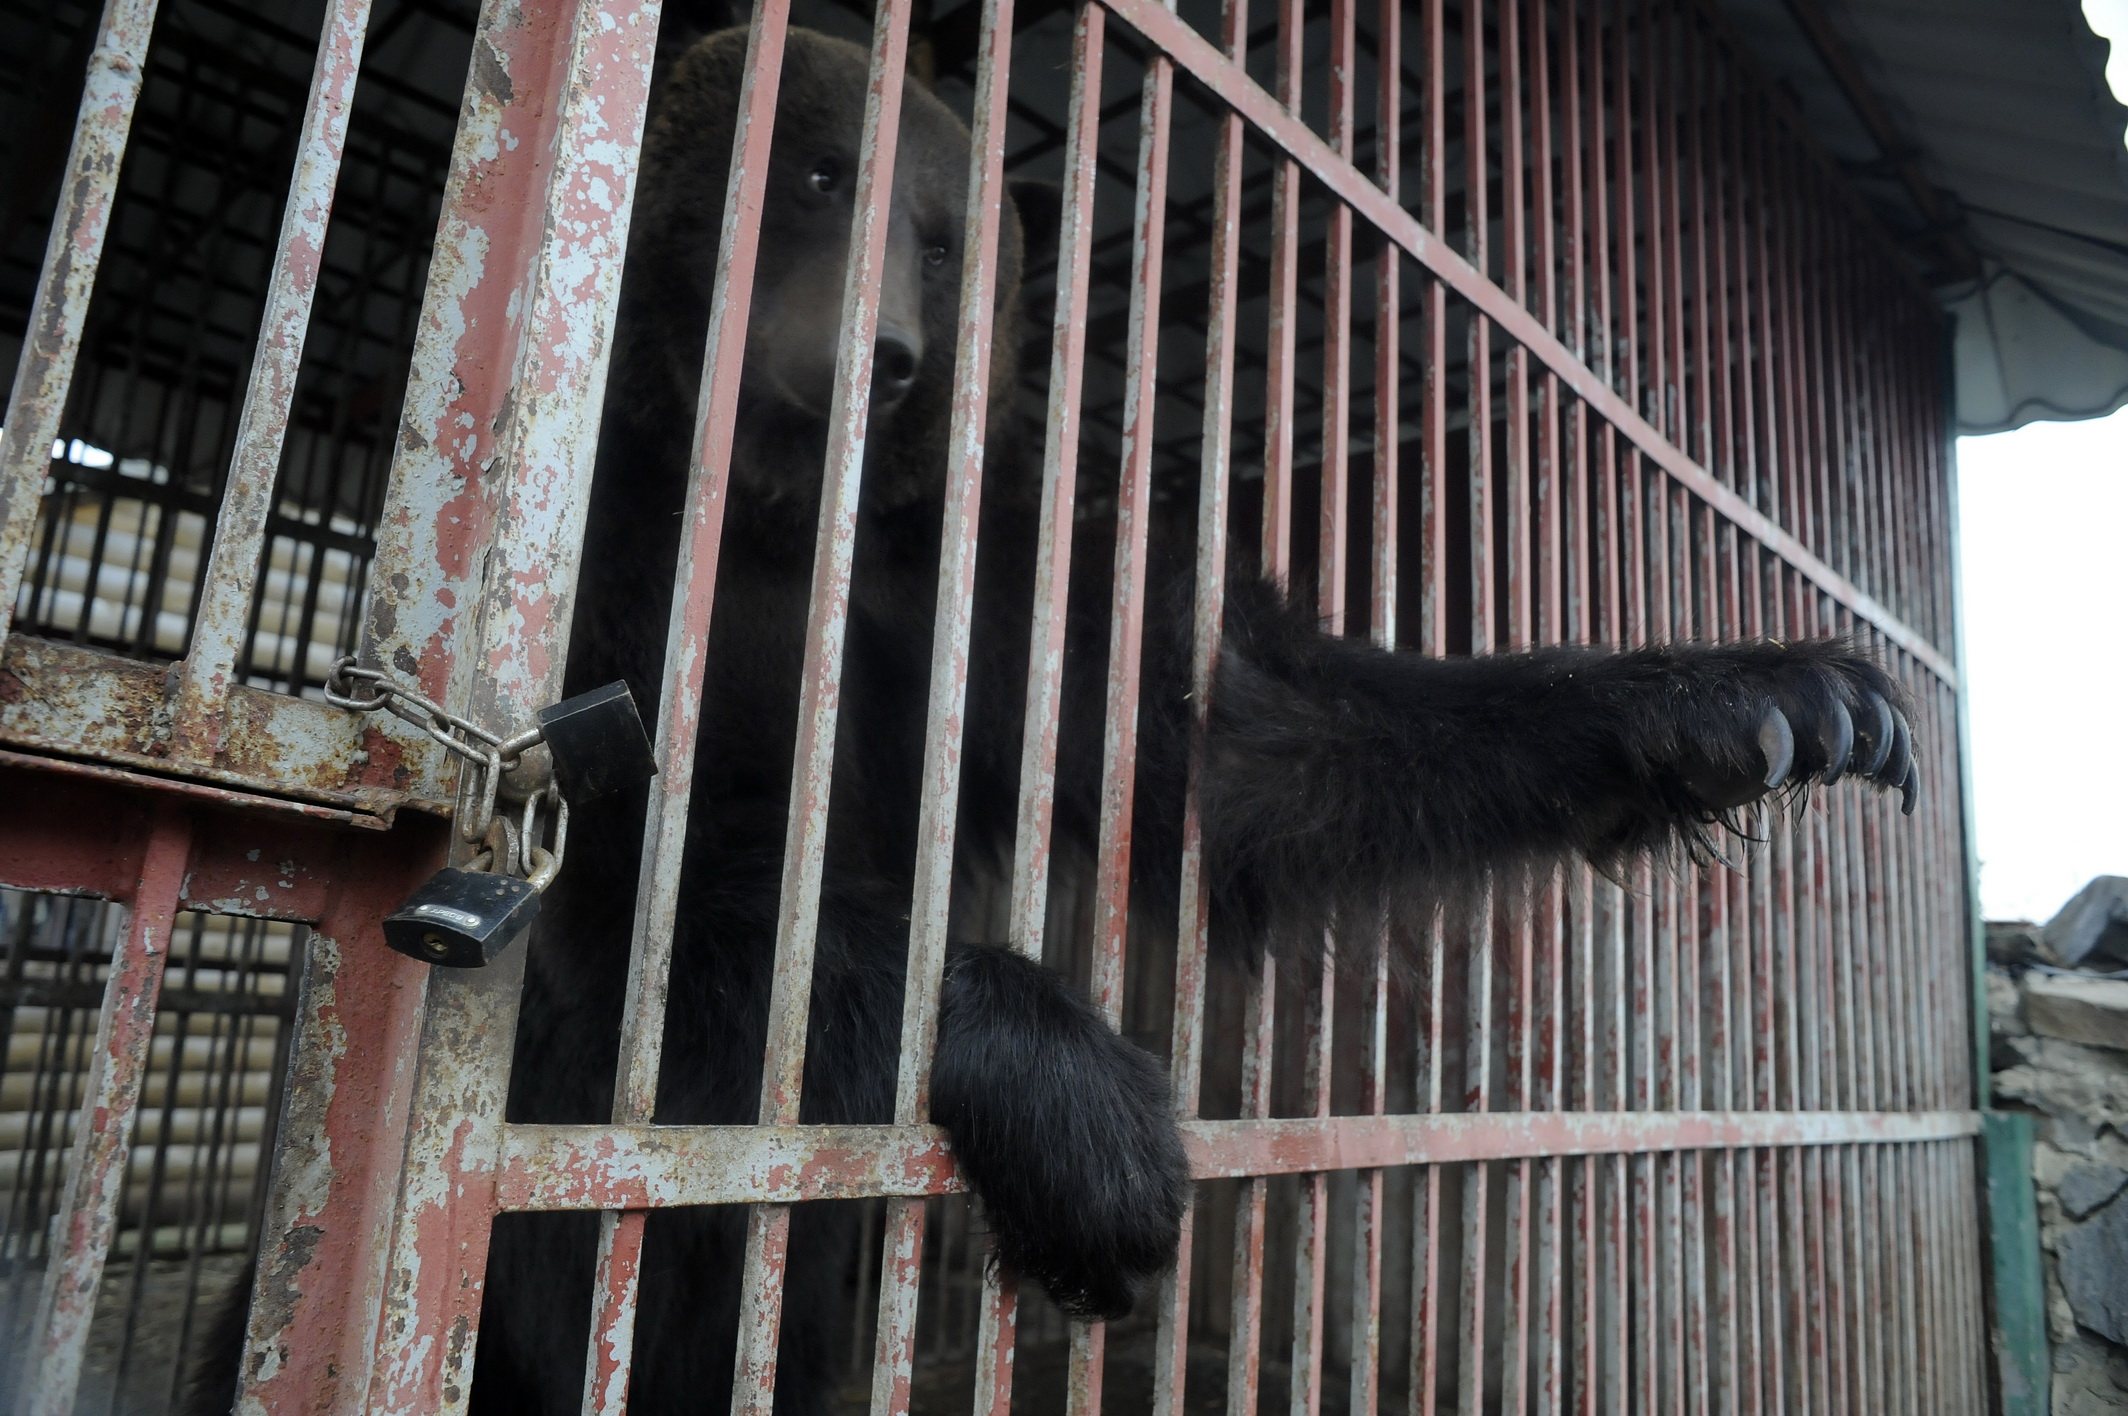 Bruine beer achter tralies Oekraïne dierentuin